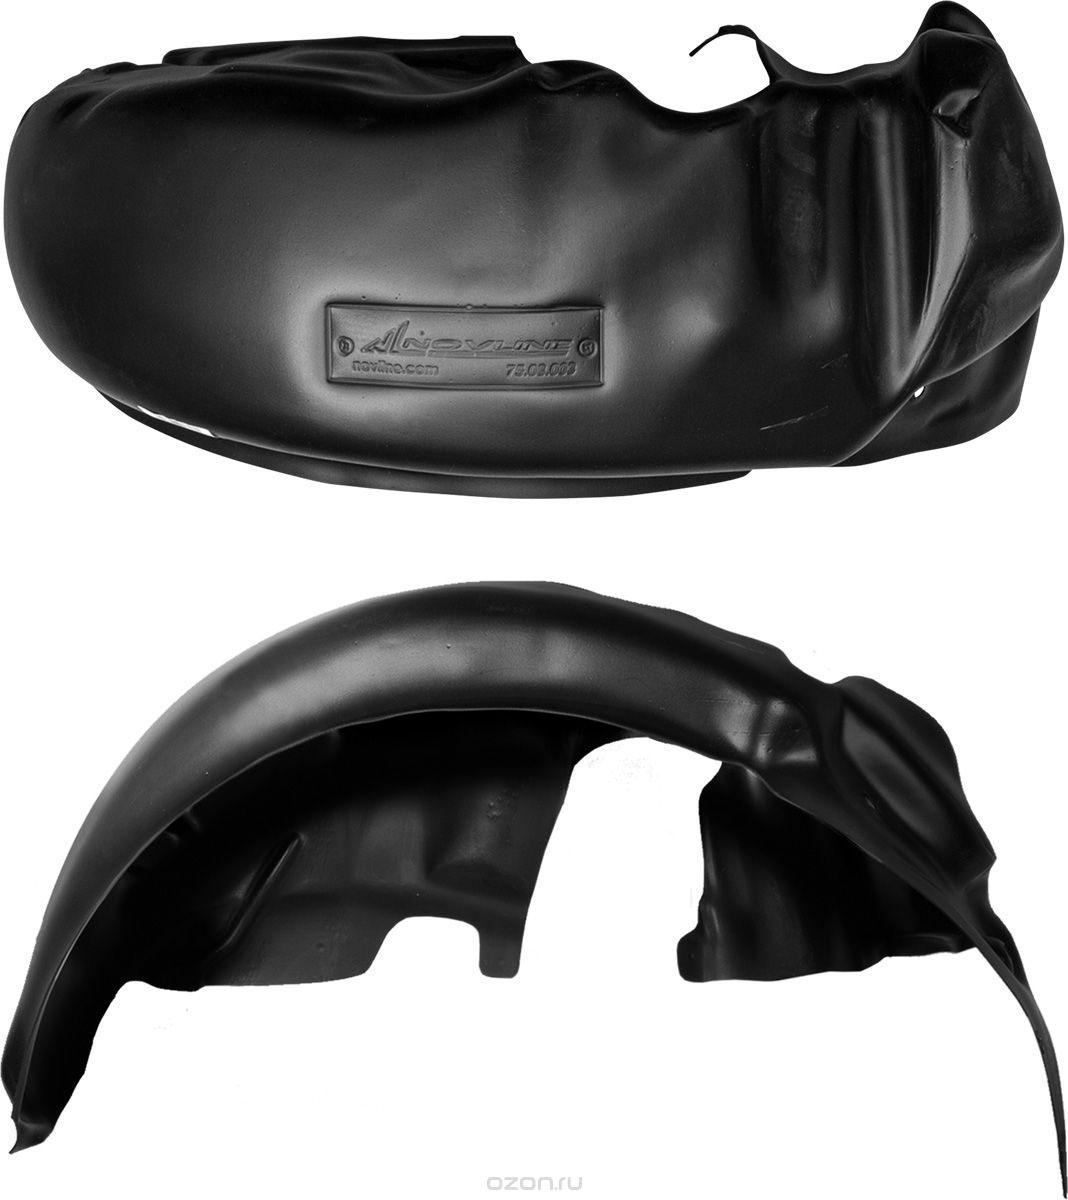 Подкрылок Novline-Autofamily, для Kia Sportage, 2016->, кроссовер, передний правыйNLL.25.44.002Идеальная защита колесной ниши. Локеры разработаны с применением цифровых технологий, гарантируют максимальную повторяемость поверхности арки. Изделия устанавливаются без нарушения лакокрасочного покрытия автомобиля, каждый подкрылок комплектуется крепежом. Уважаемые клиенты, обращаем ваше внимание, что фотографии на подкрылки универсальные и не отражают реальную форму изделия. При этом само изделие идет точно под размер указанного автомобиля.